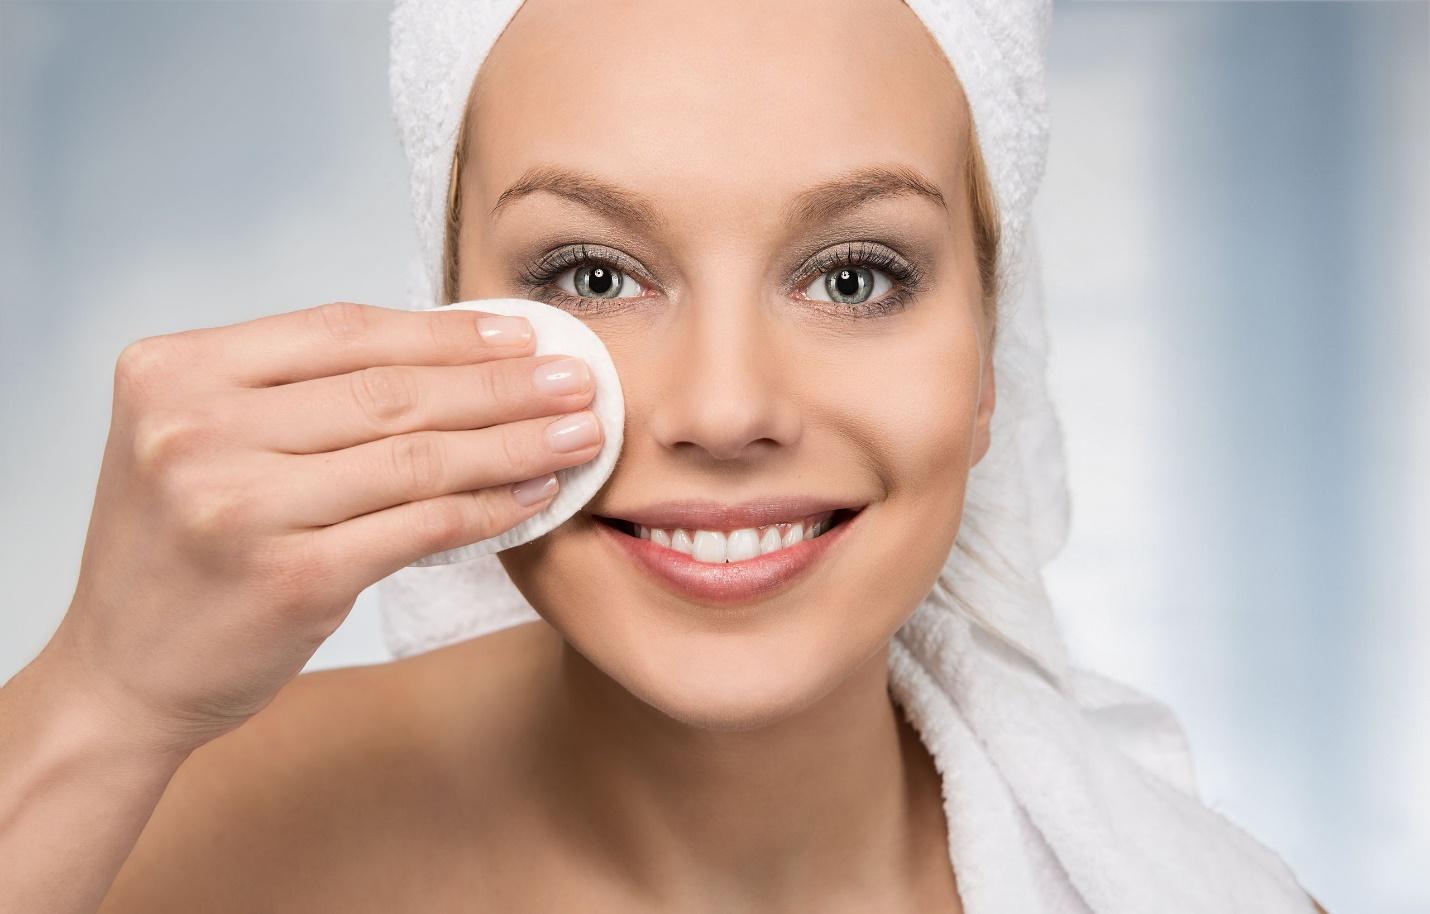 Очищение кожи лица летом: какие средства использовать?   Радио «Romantika»